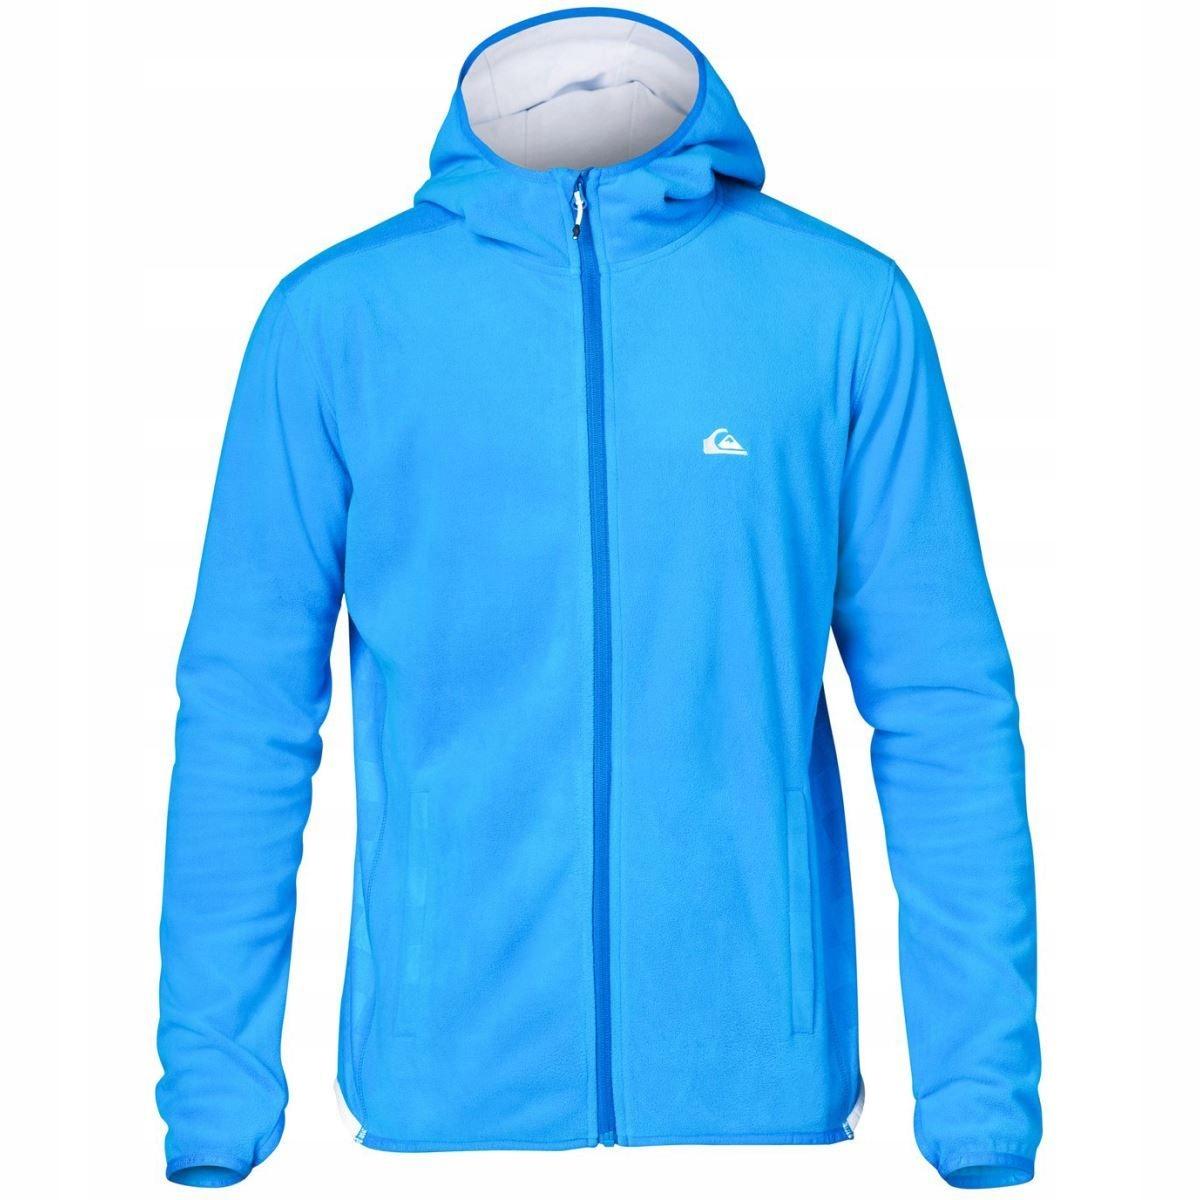 Niebieska bluza z kapturem ADIDAS zne hoodie rozm. L NOWA